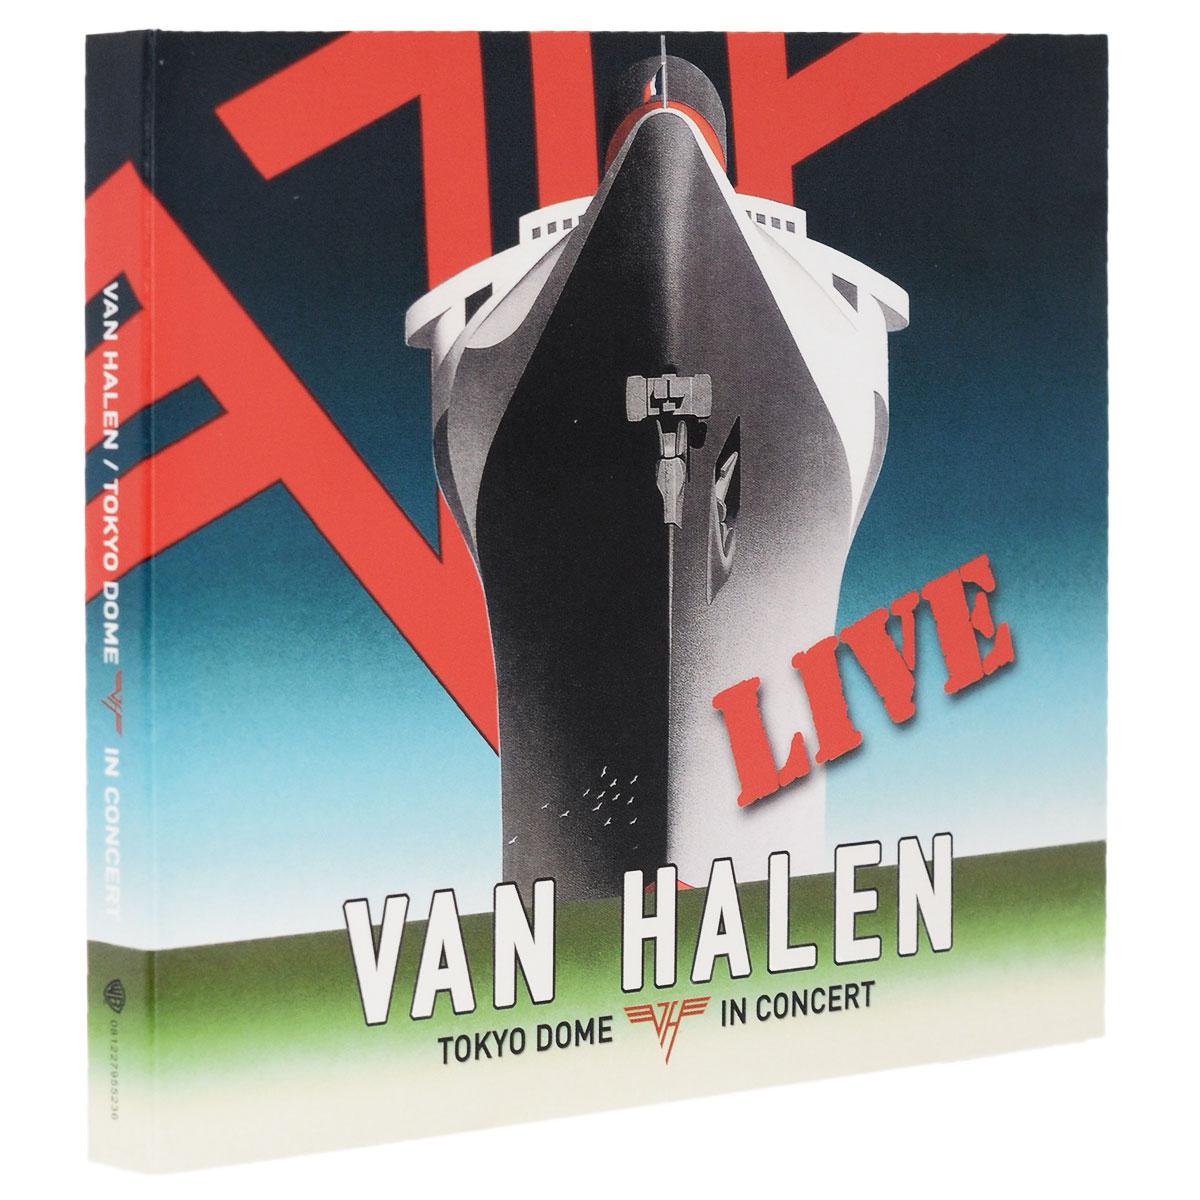 Van Halen Van Halen. Tokyo Dome In Concert (Live) (2 CD) лу рид lou reed live in concert